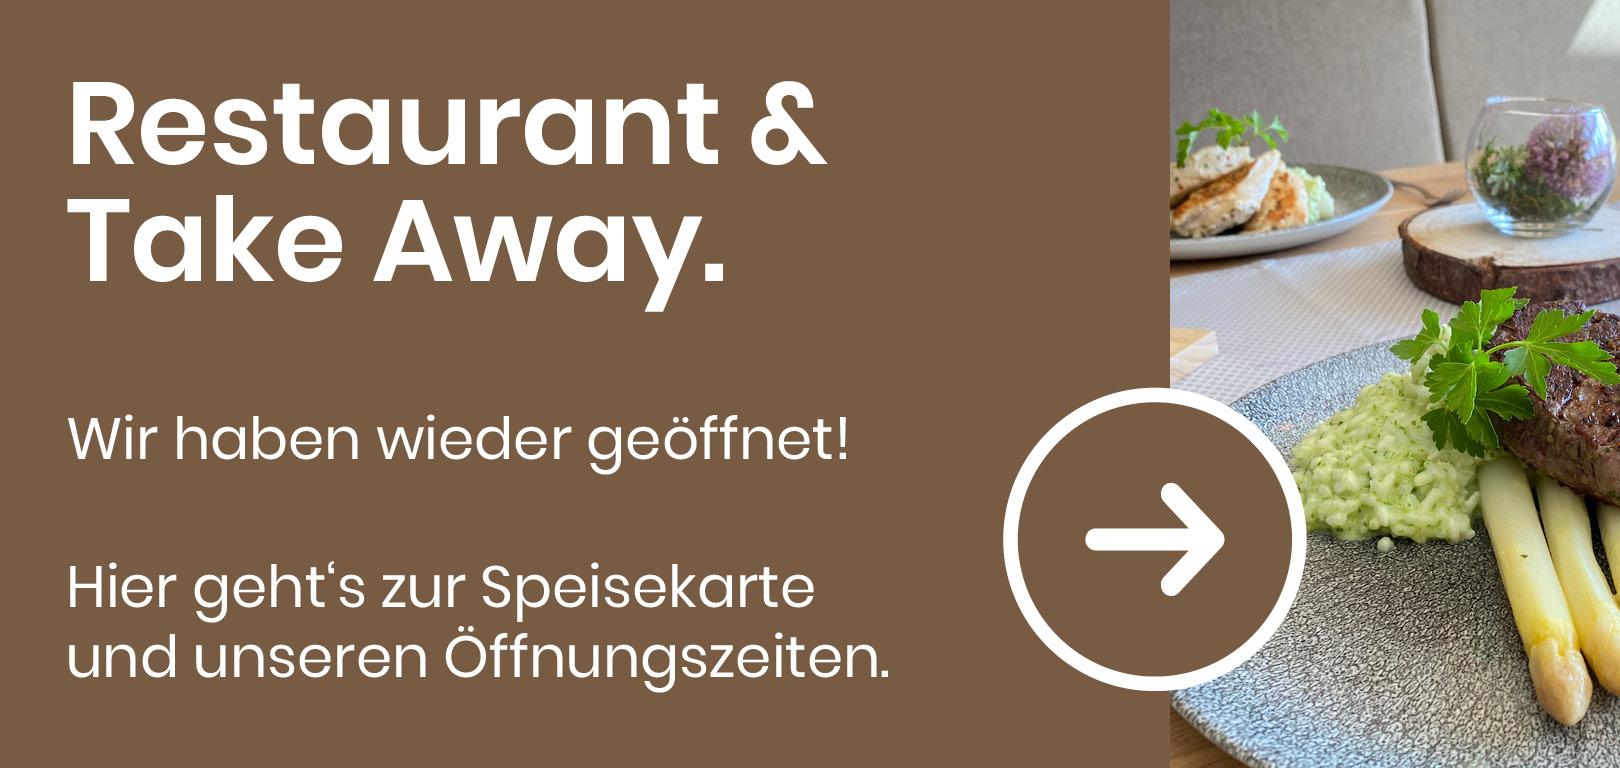 Take Away Mittagsgerichte & Speisekarte